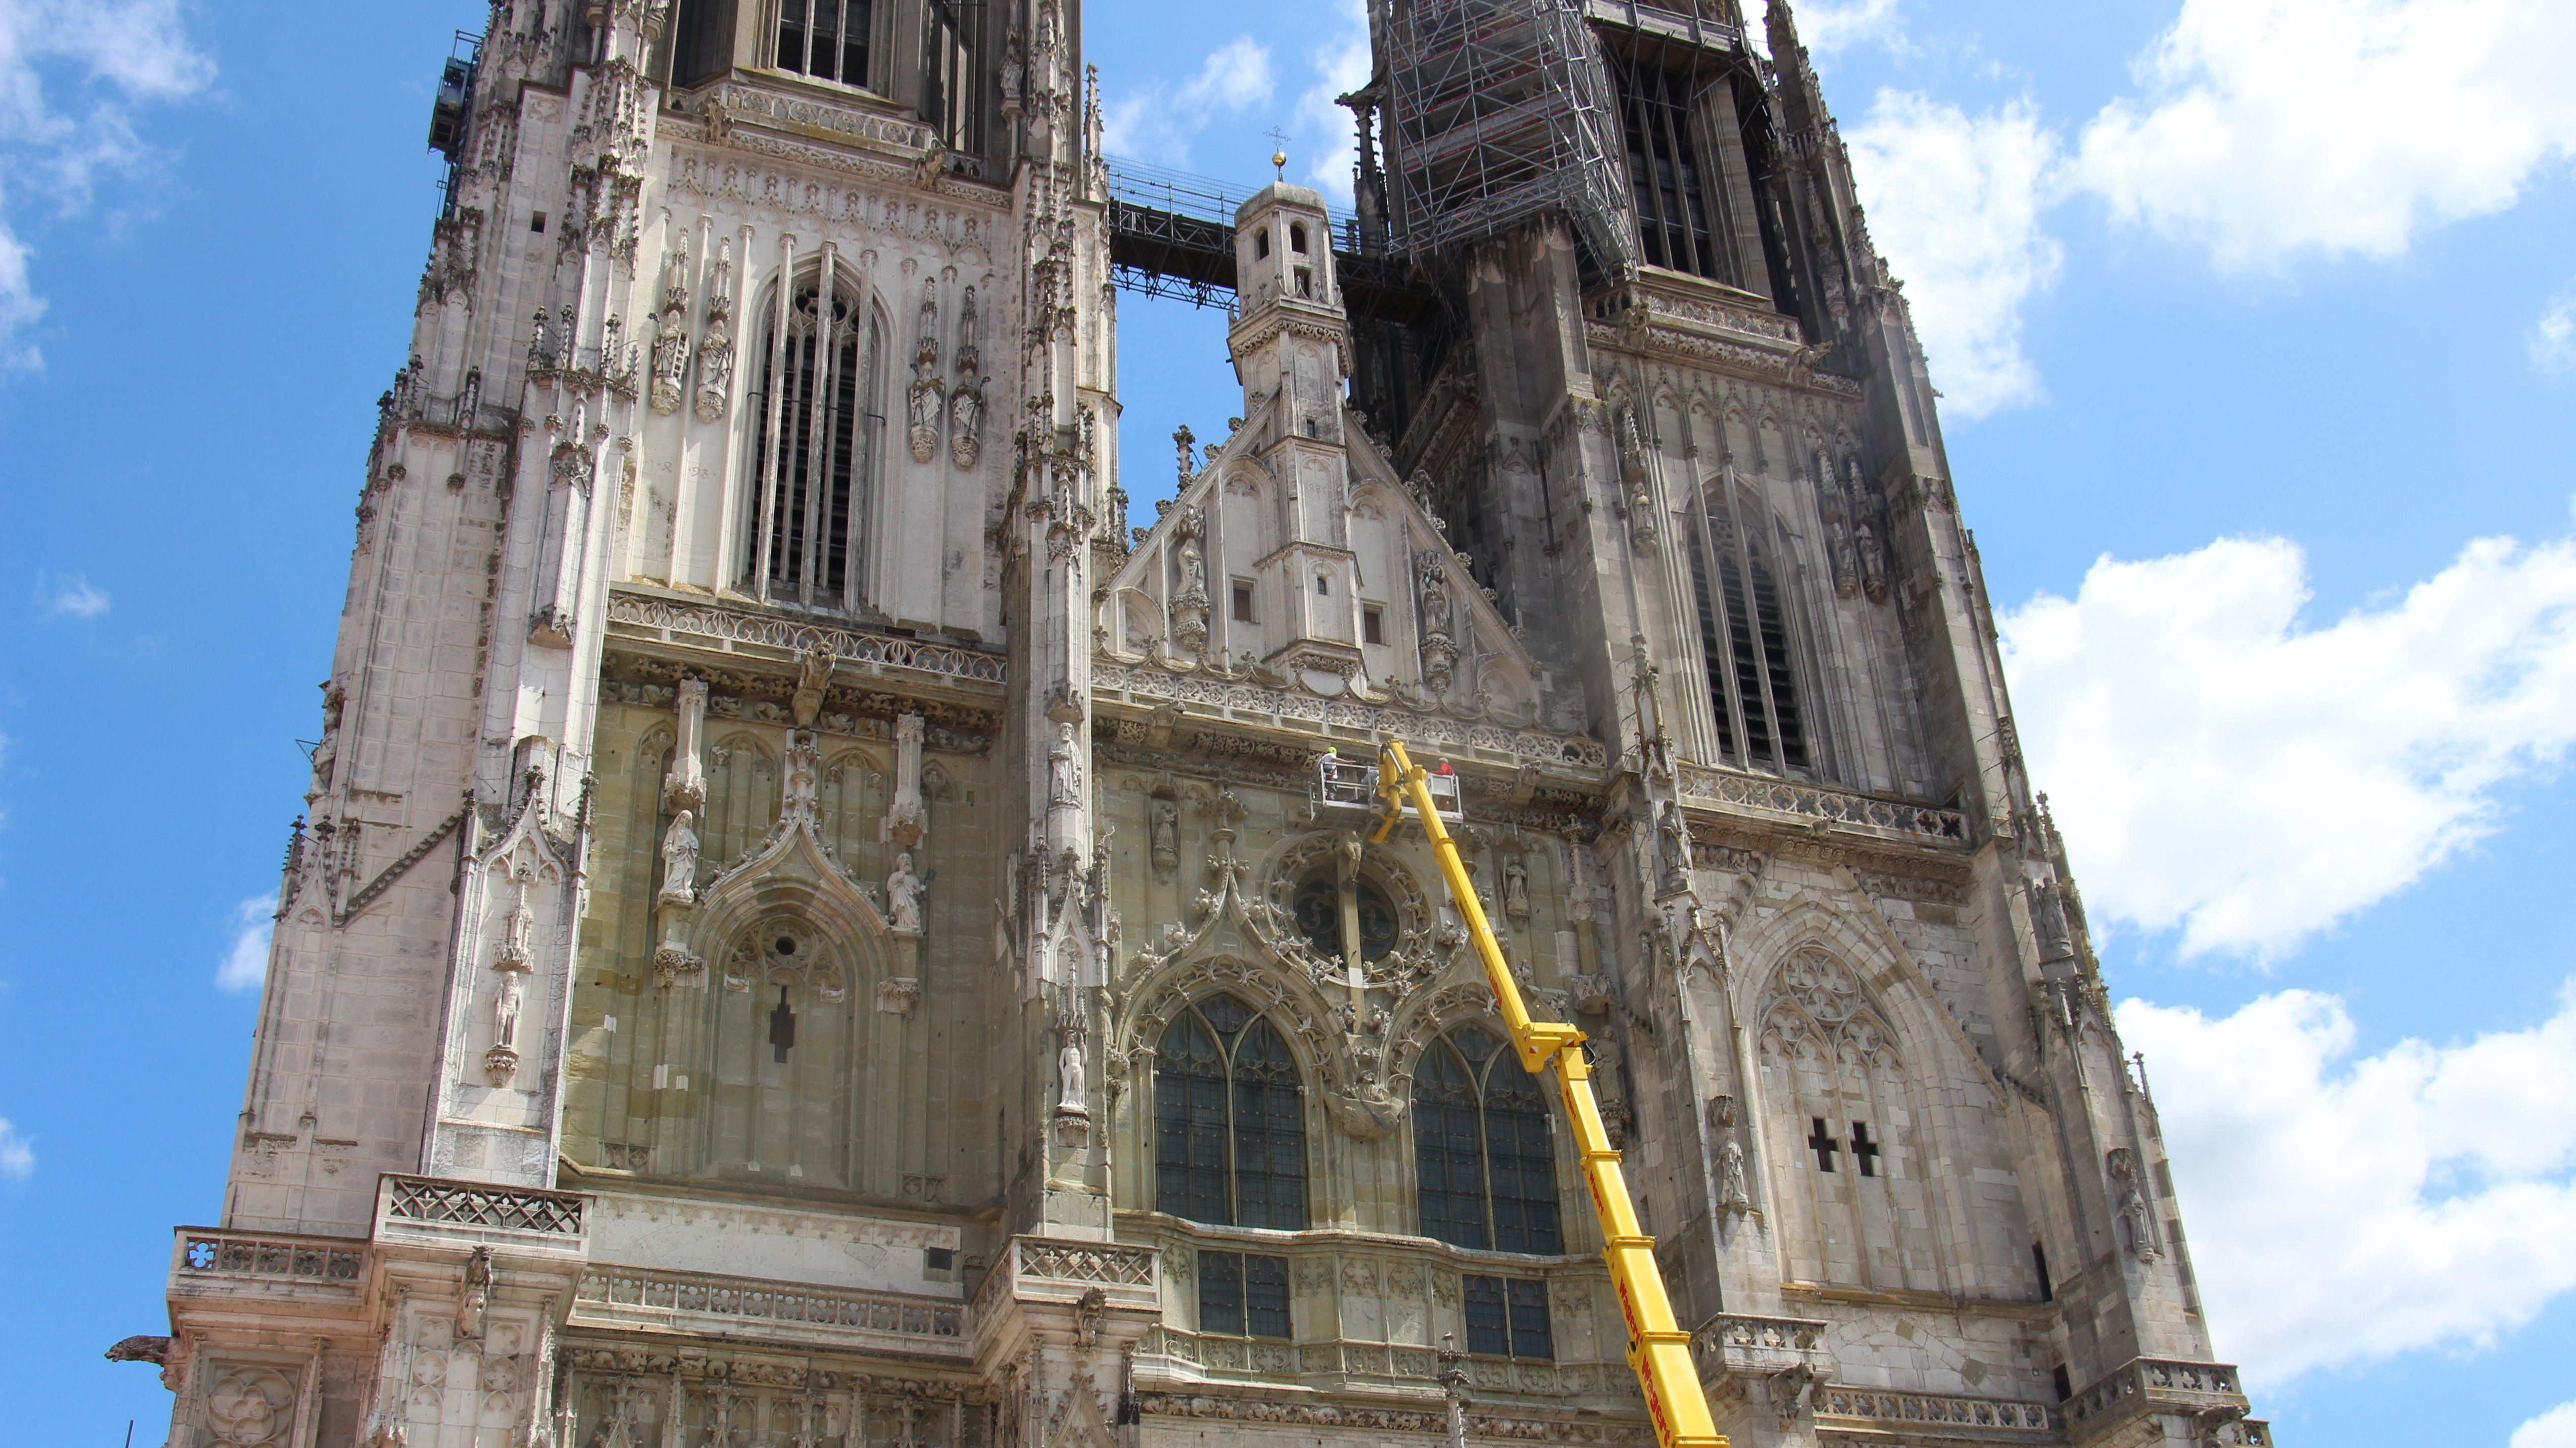 Nach dem Absturz eines Bauteils in 80 Metern Höhe ist die Fassade des Regensburger Doms auch gestern noch von Fachleuten untersucht worden.